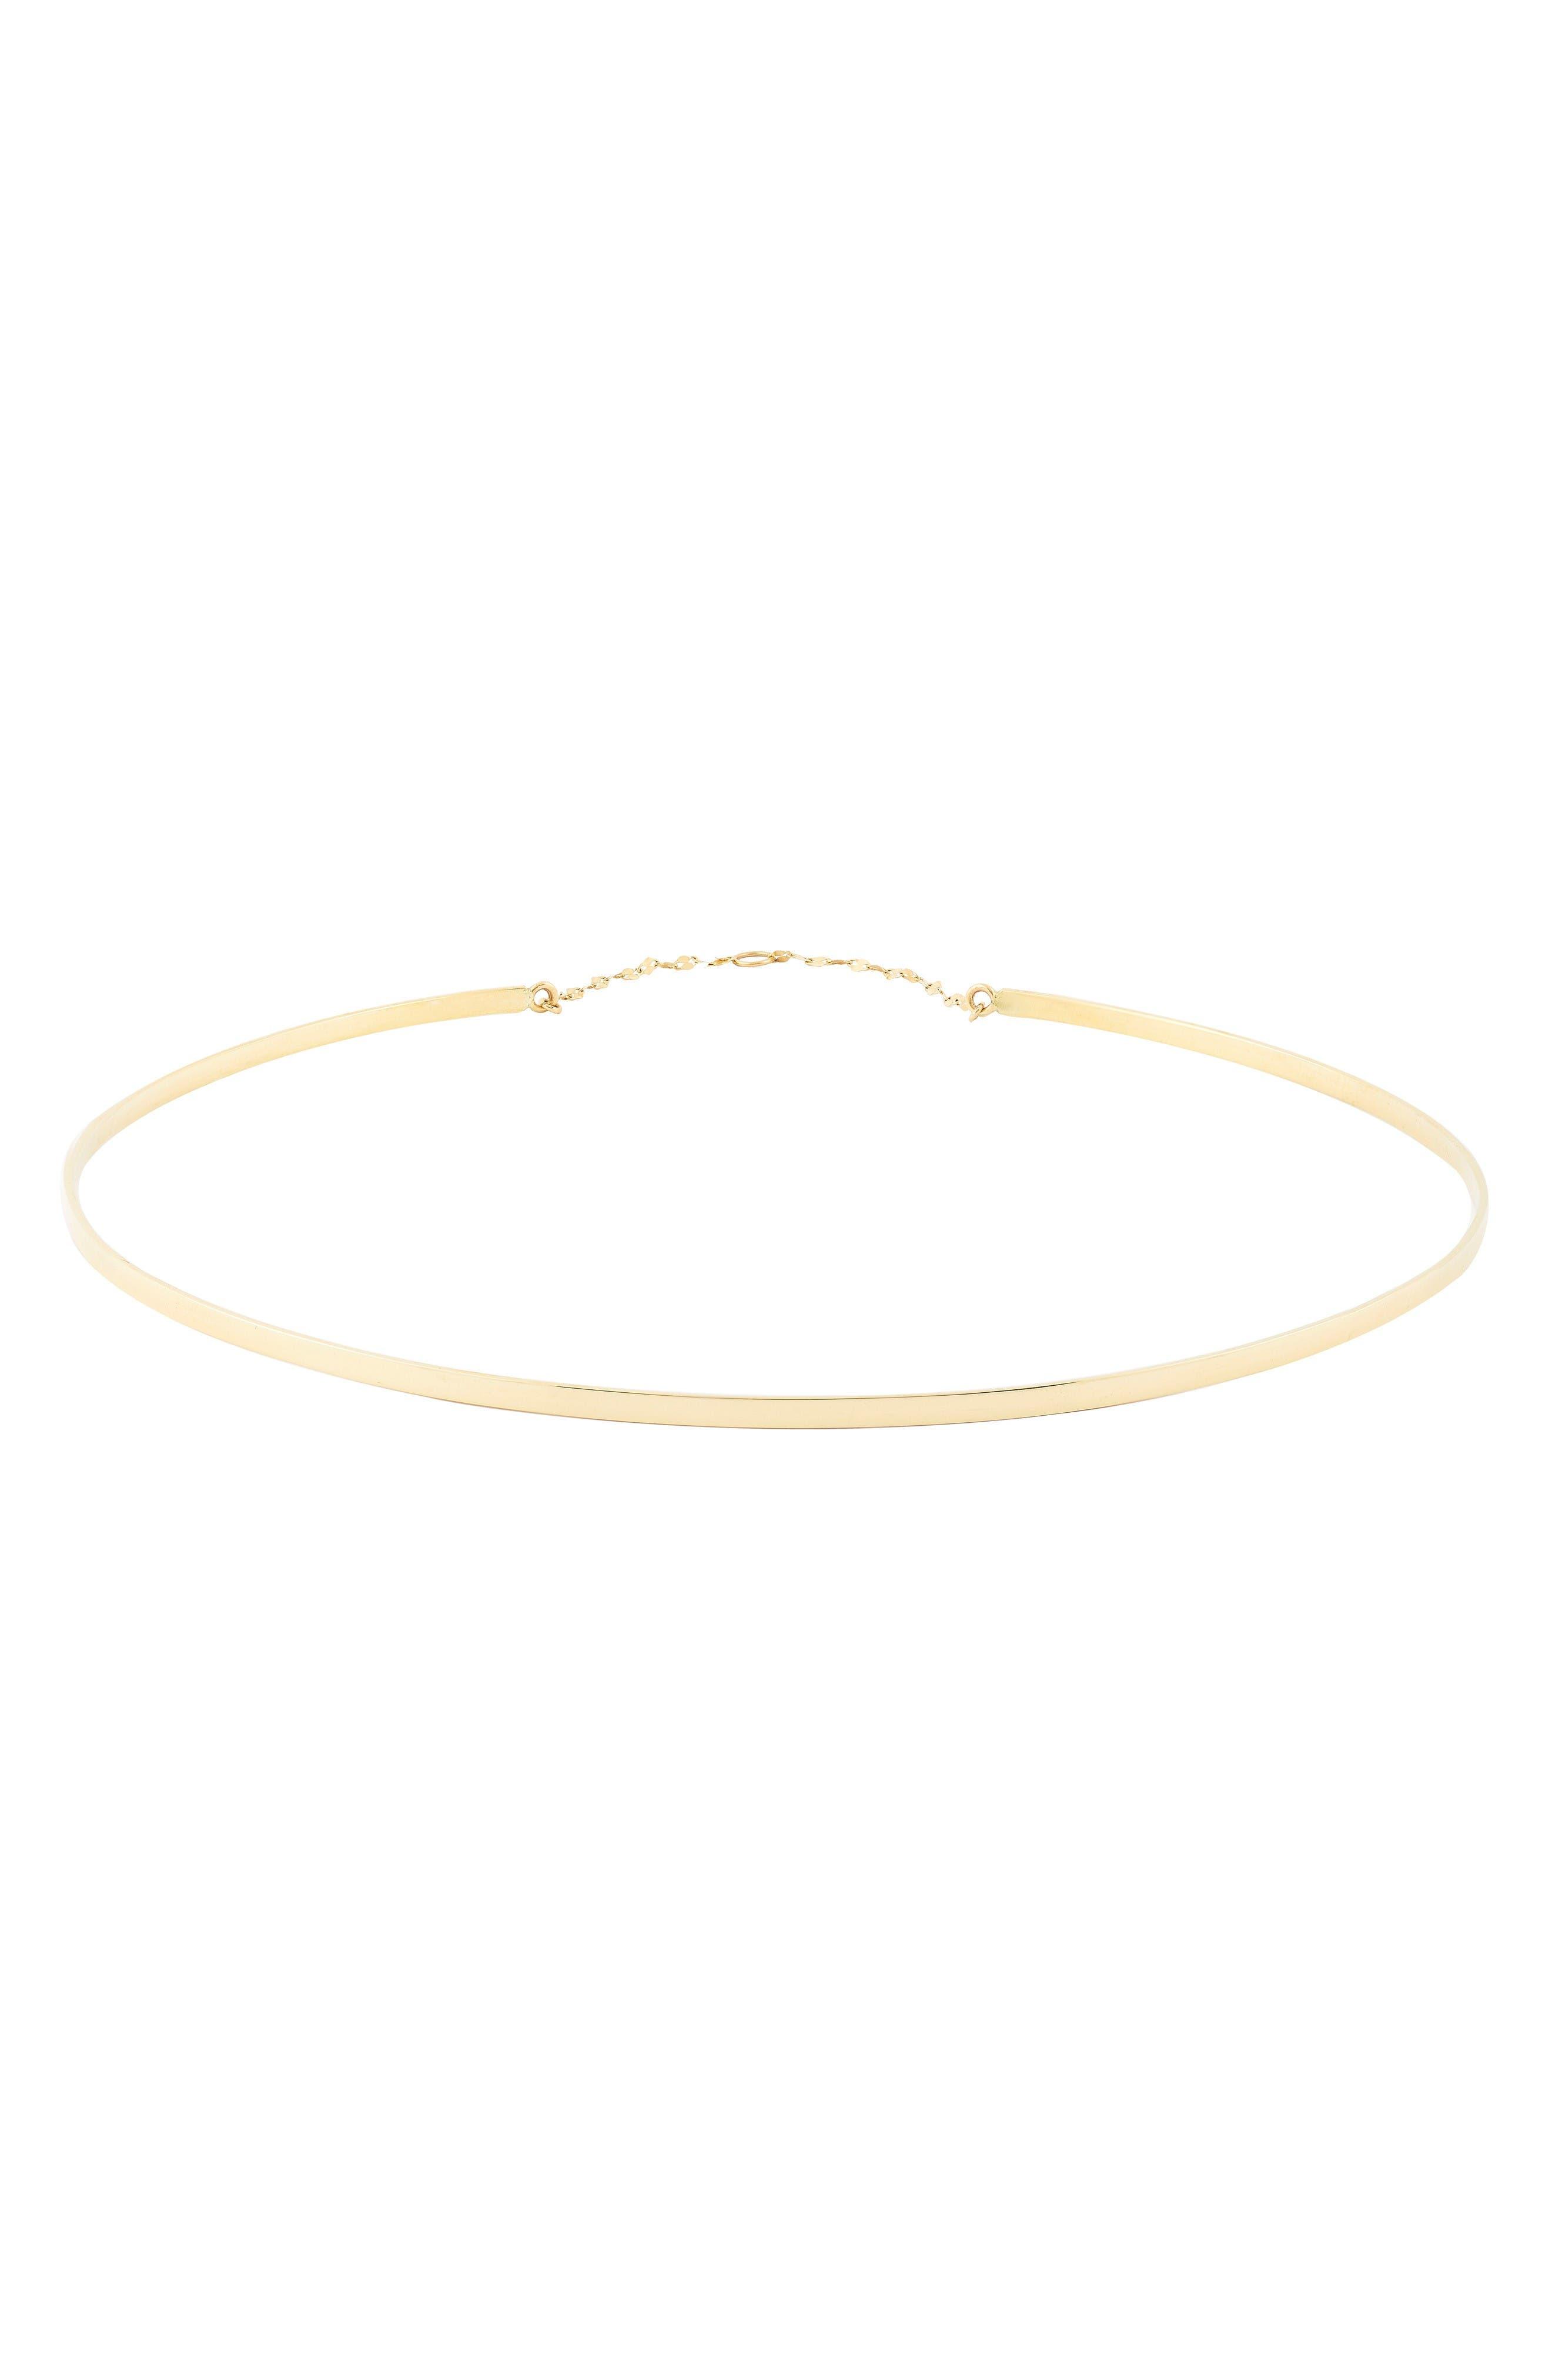 Lana Jewelry Bond Thin Gloss Choker